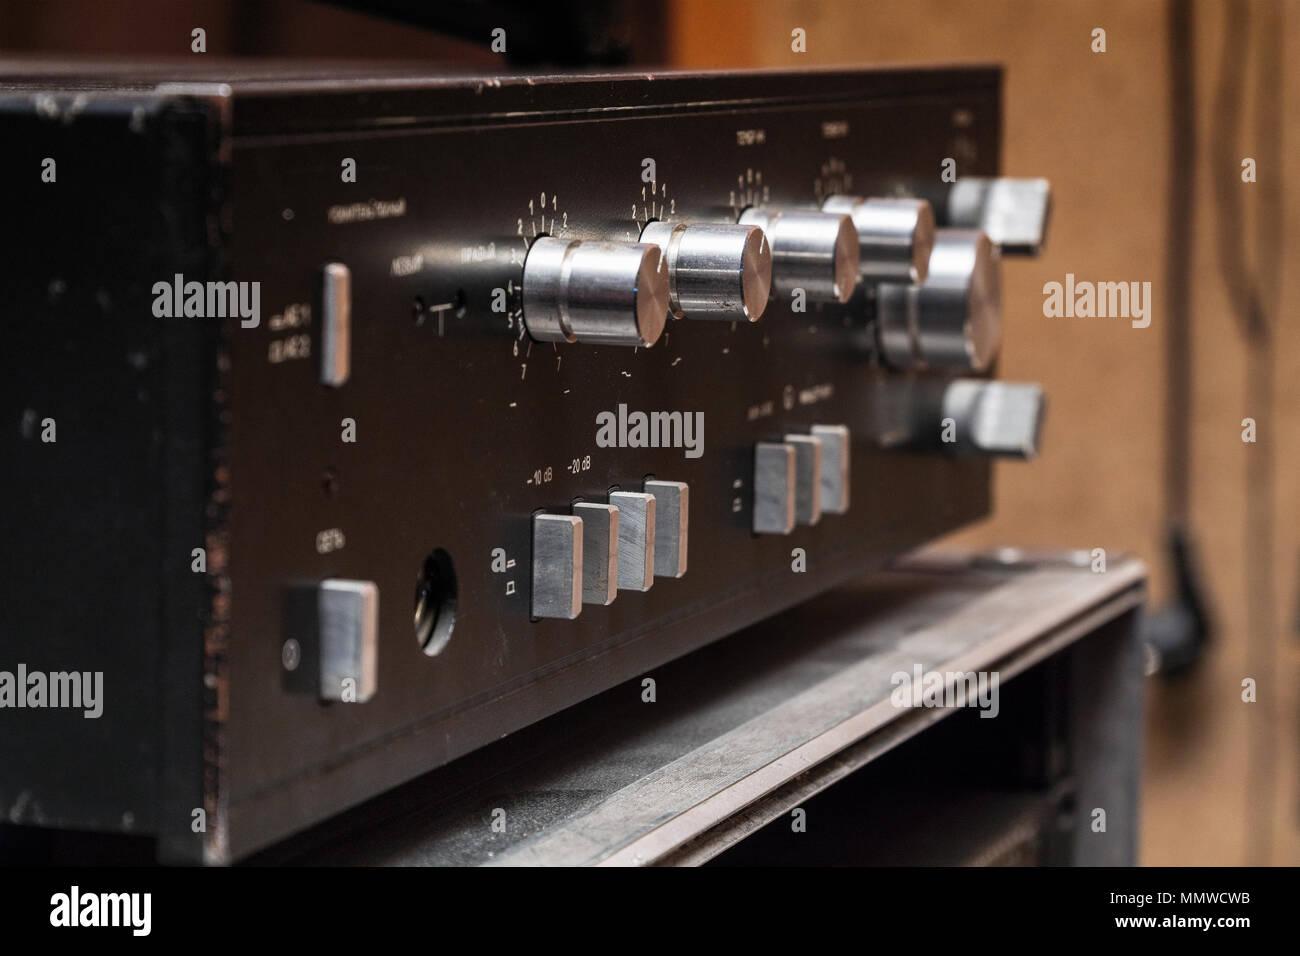 Posso collegare un amplificatore a una radio StockSL sito di incontri